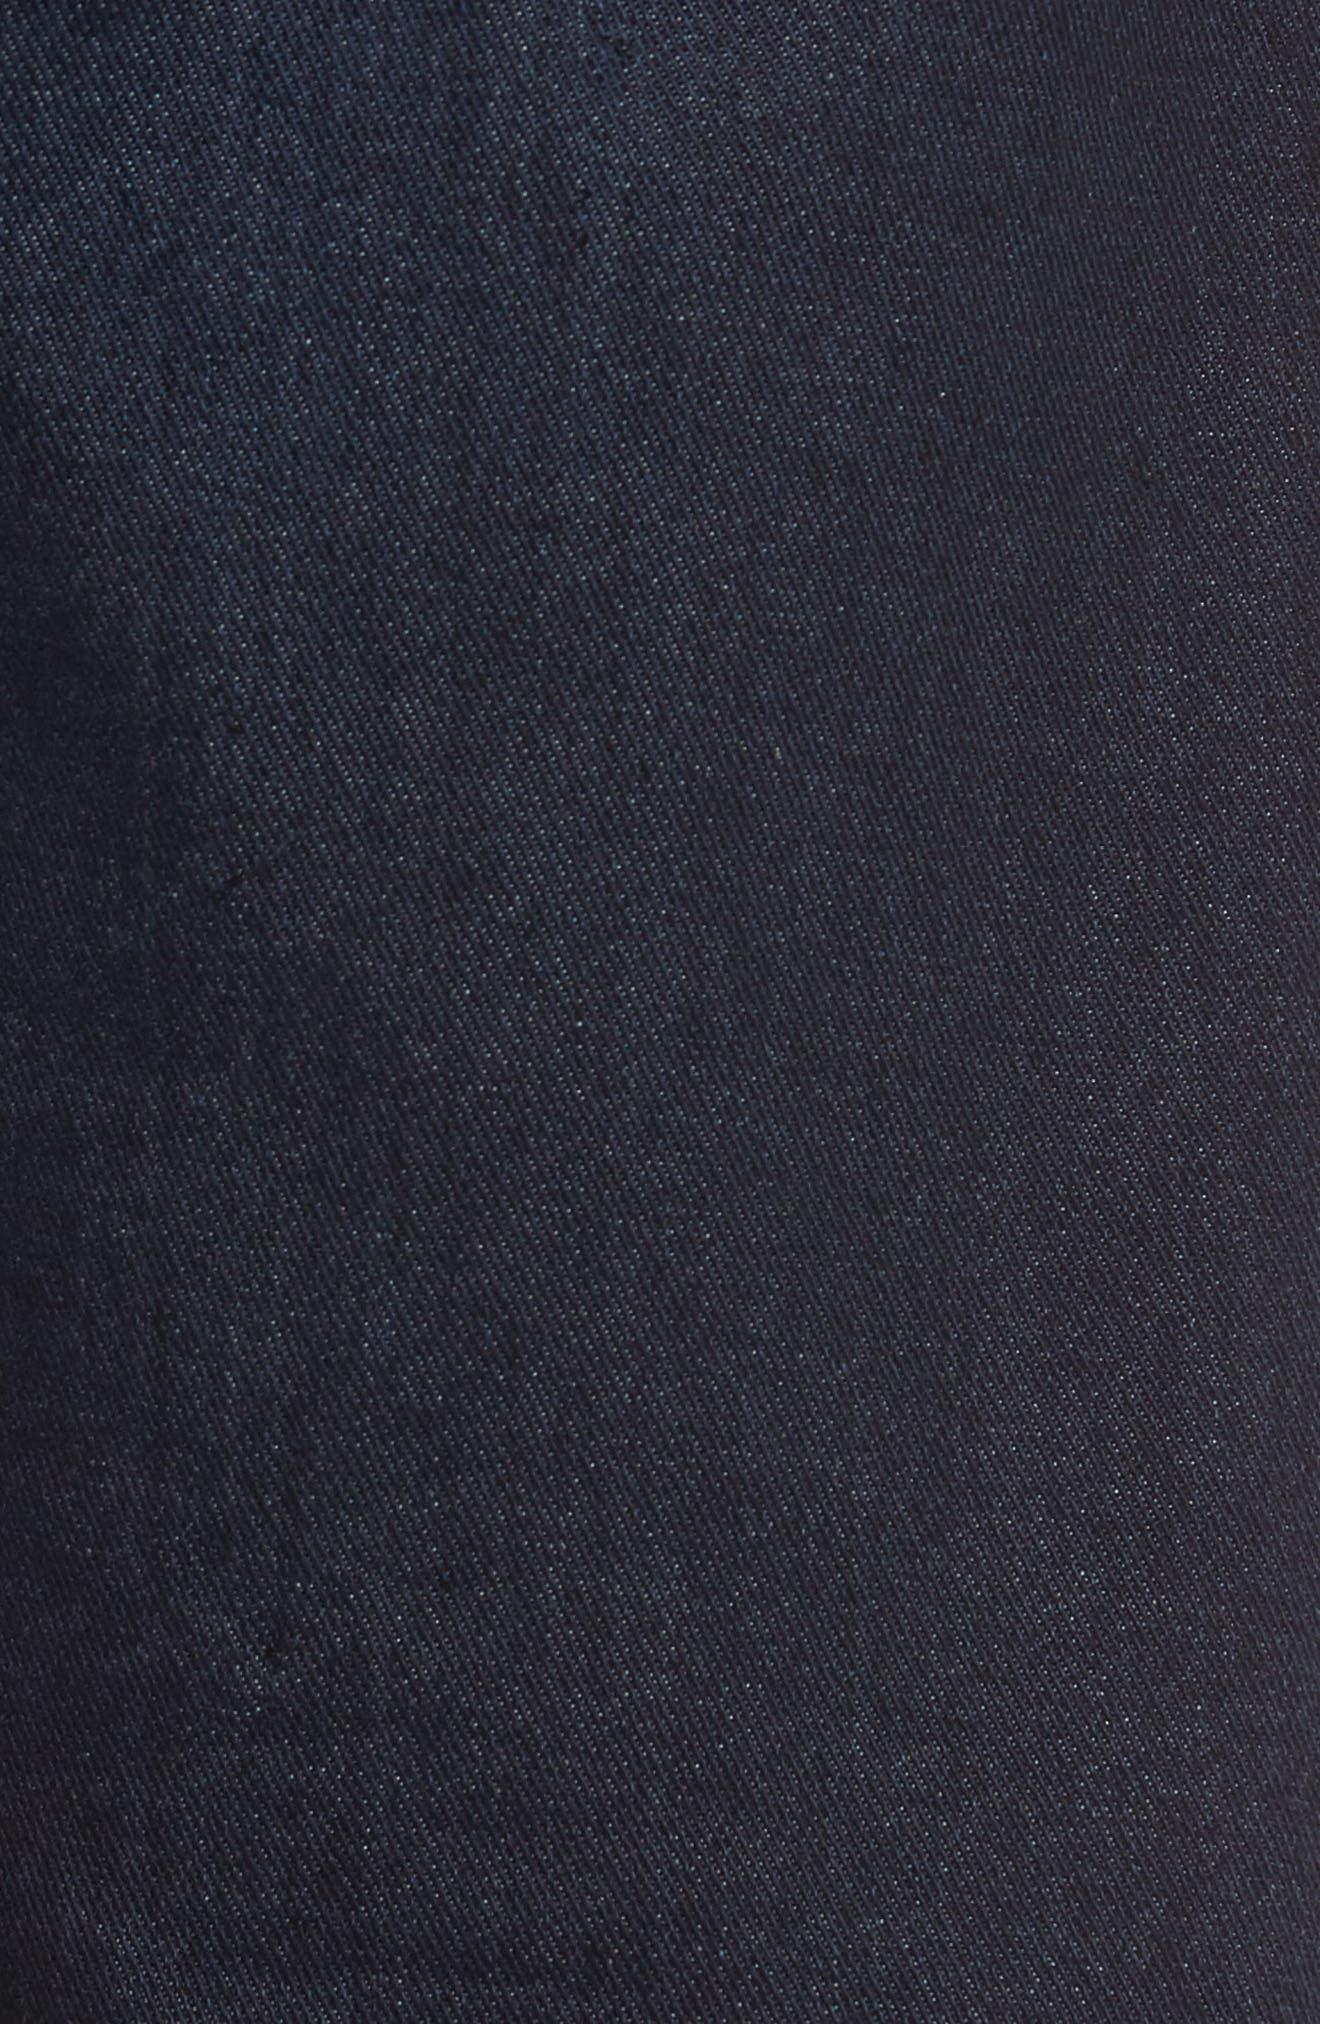 Everett Slim Straight Fit Jeans,                             Alternate thumbnail 5, color,                             Regulator